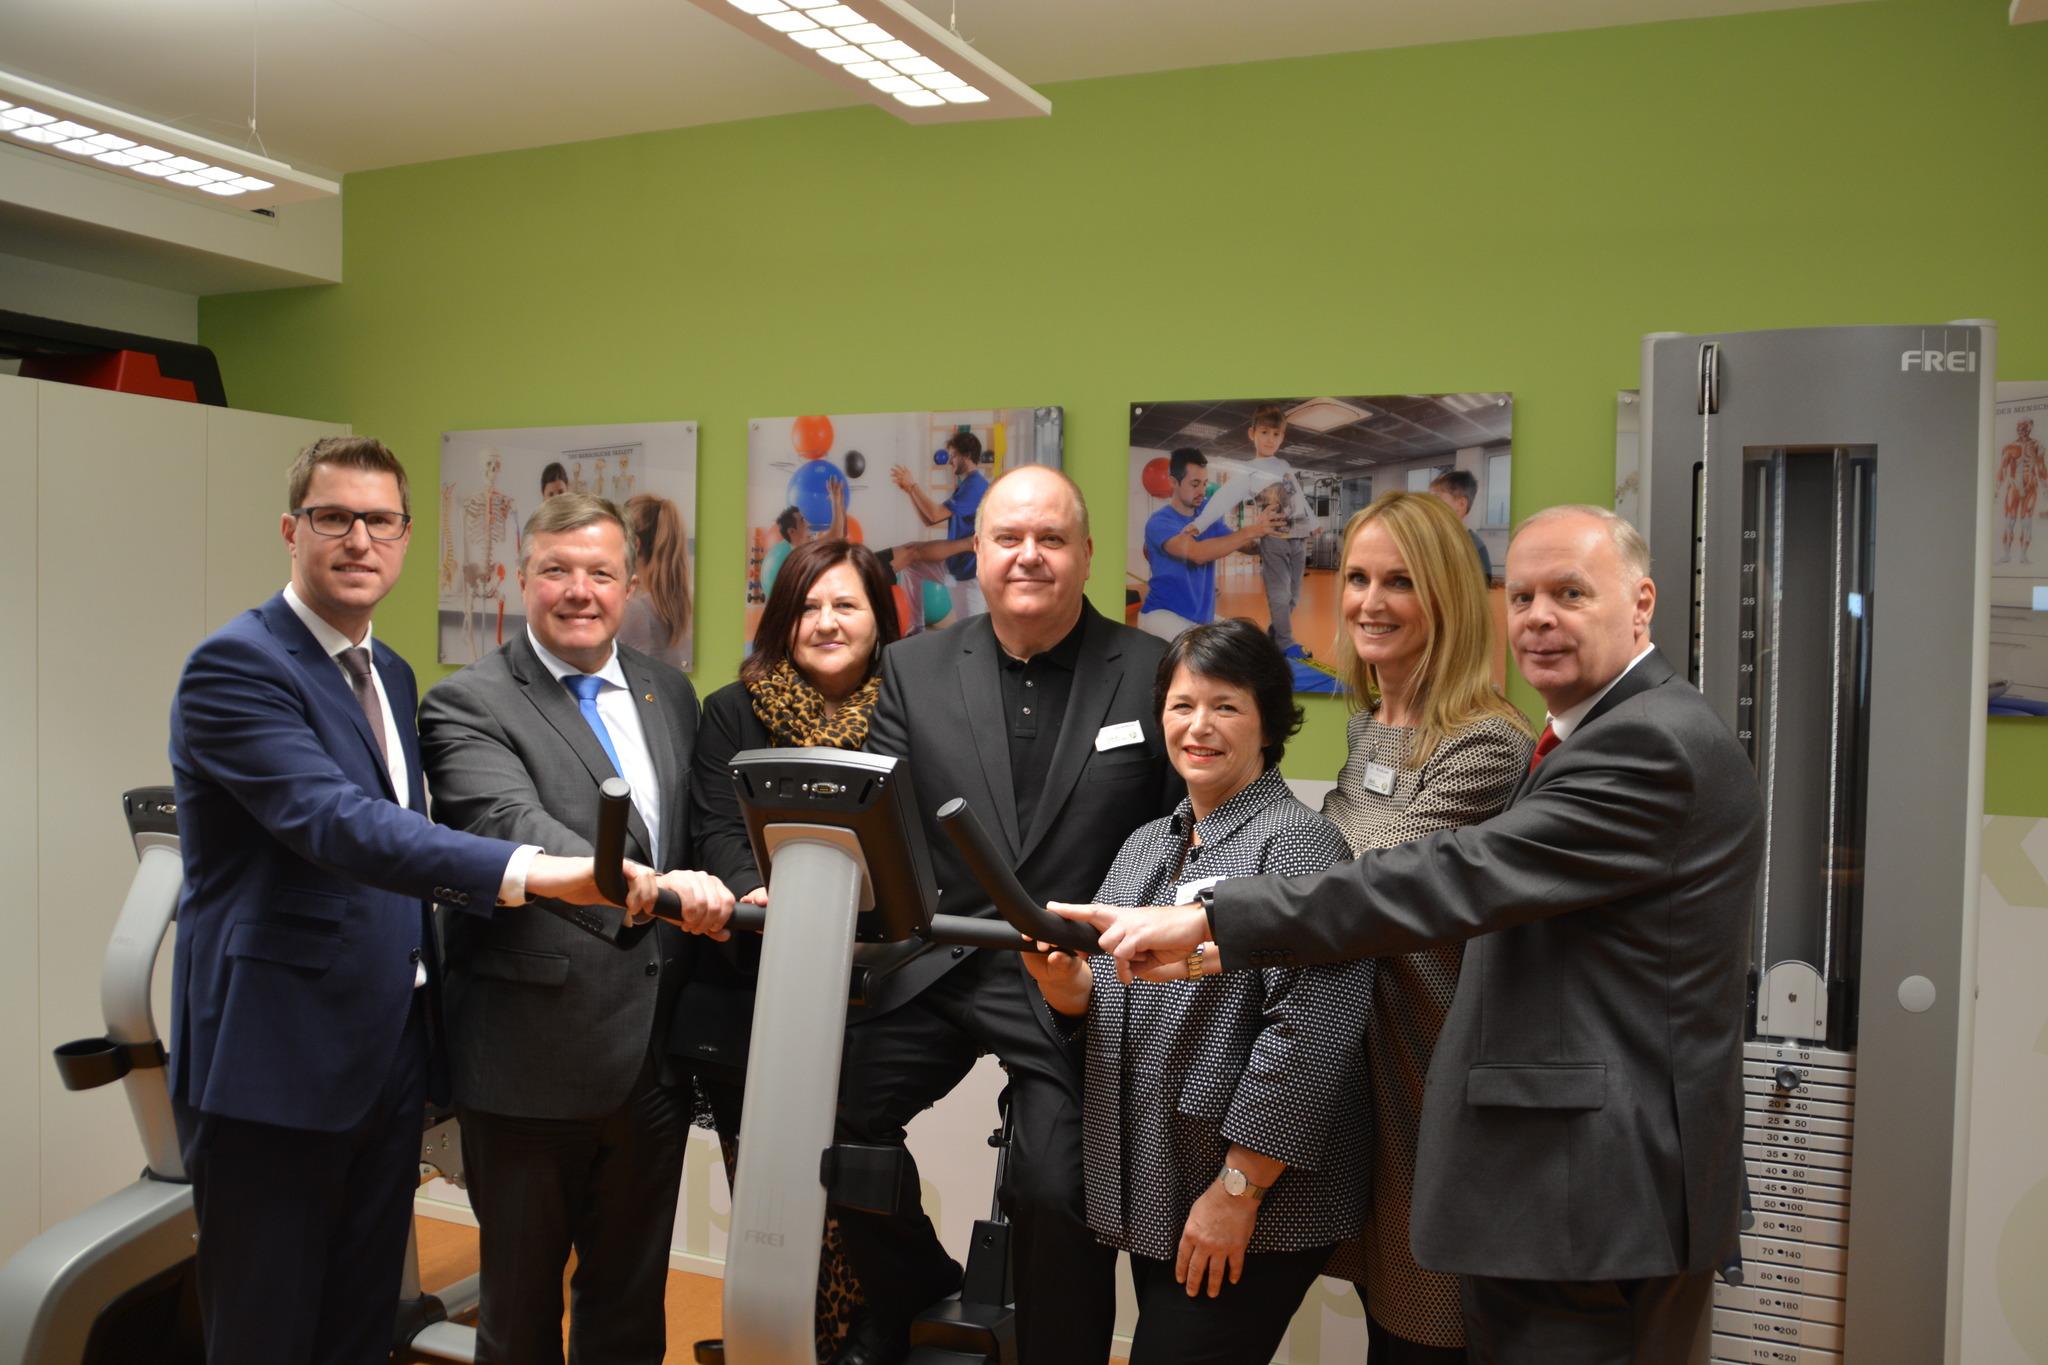 Neues Therapiezentrum Eröffnet Im Untergeschoss Des Telfer Bades Telfs